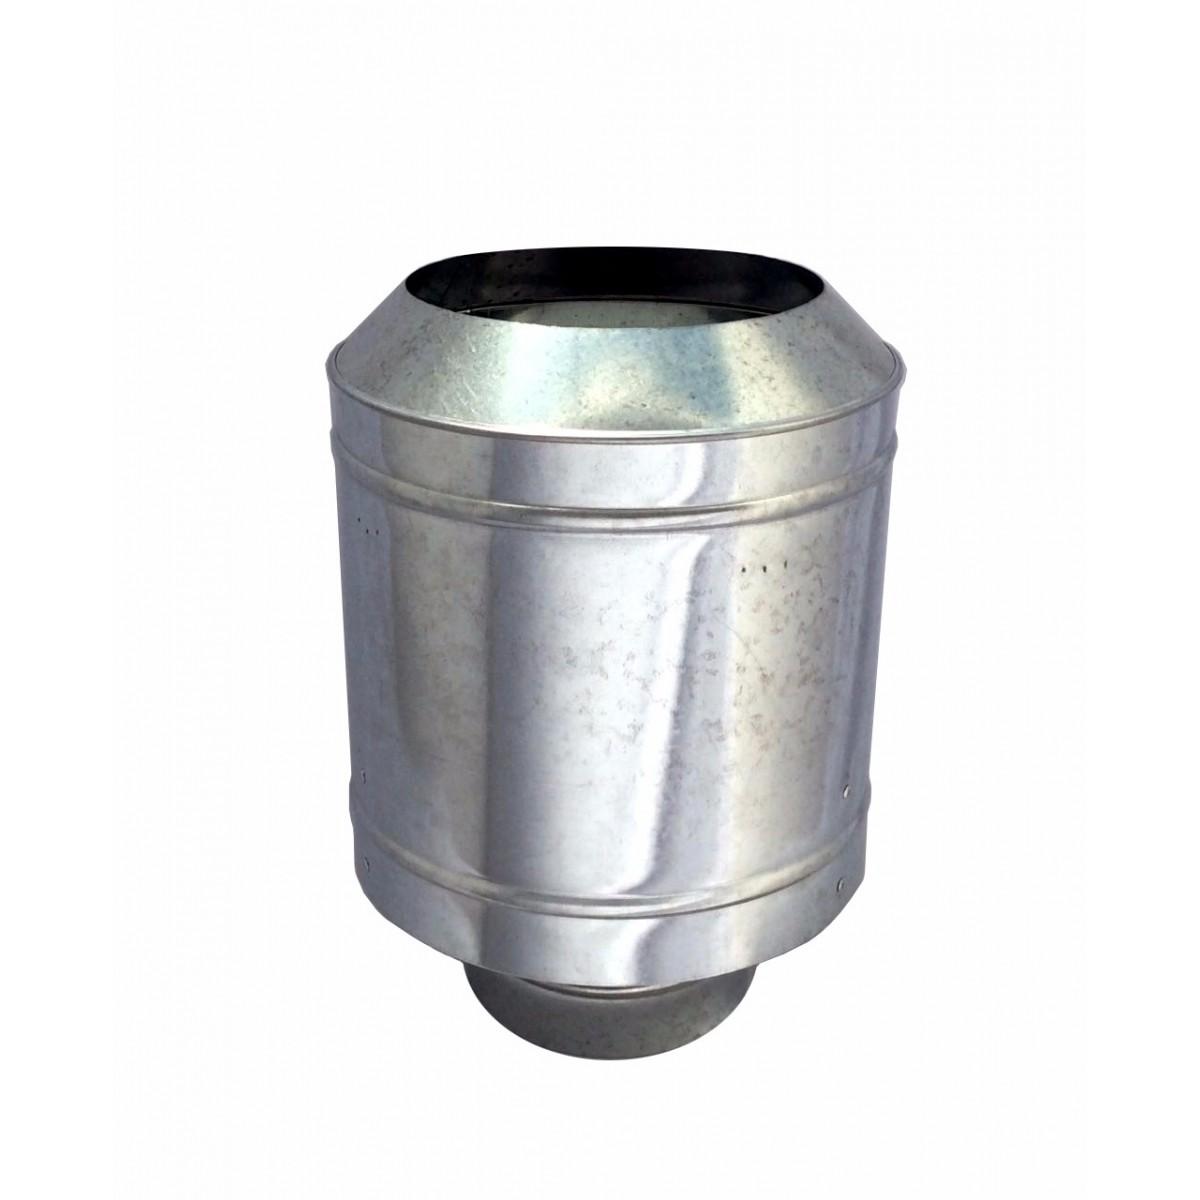 Chapéu galvanizado tipo canhão sputinik para chaminé de 200 mm de diâmetro.  - Galvocalhas